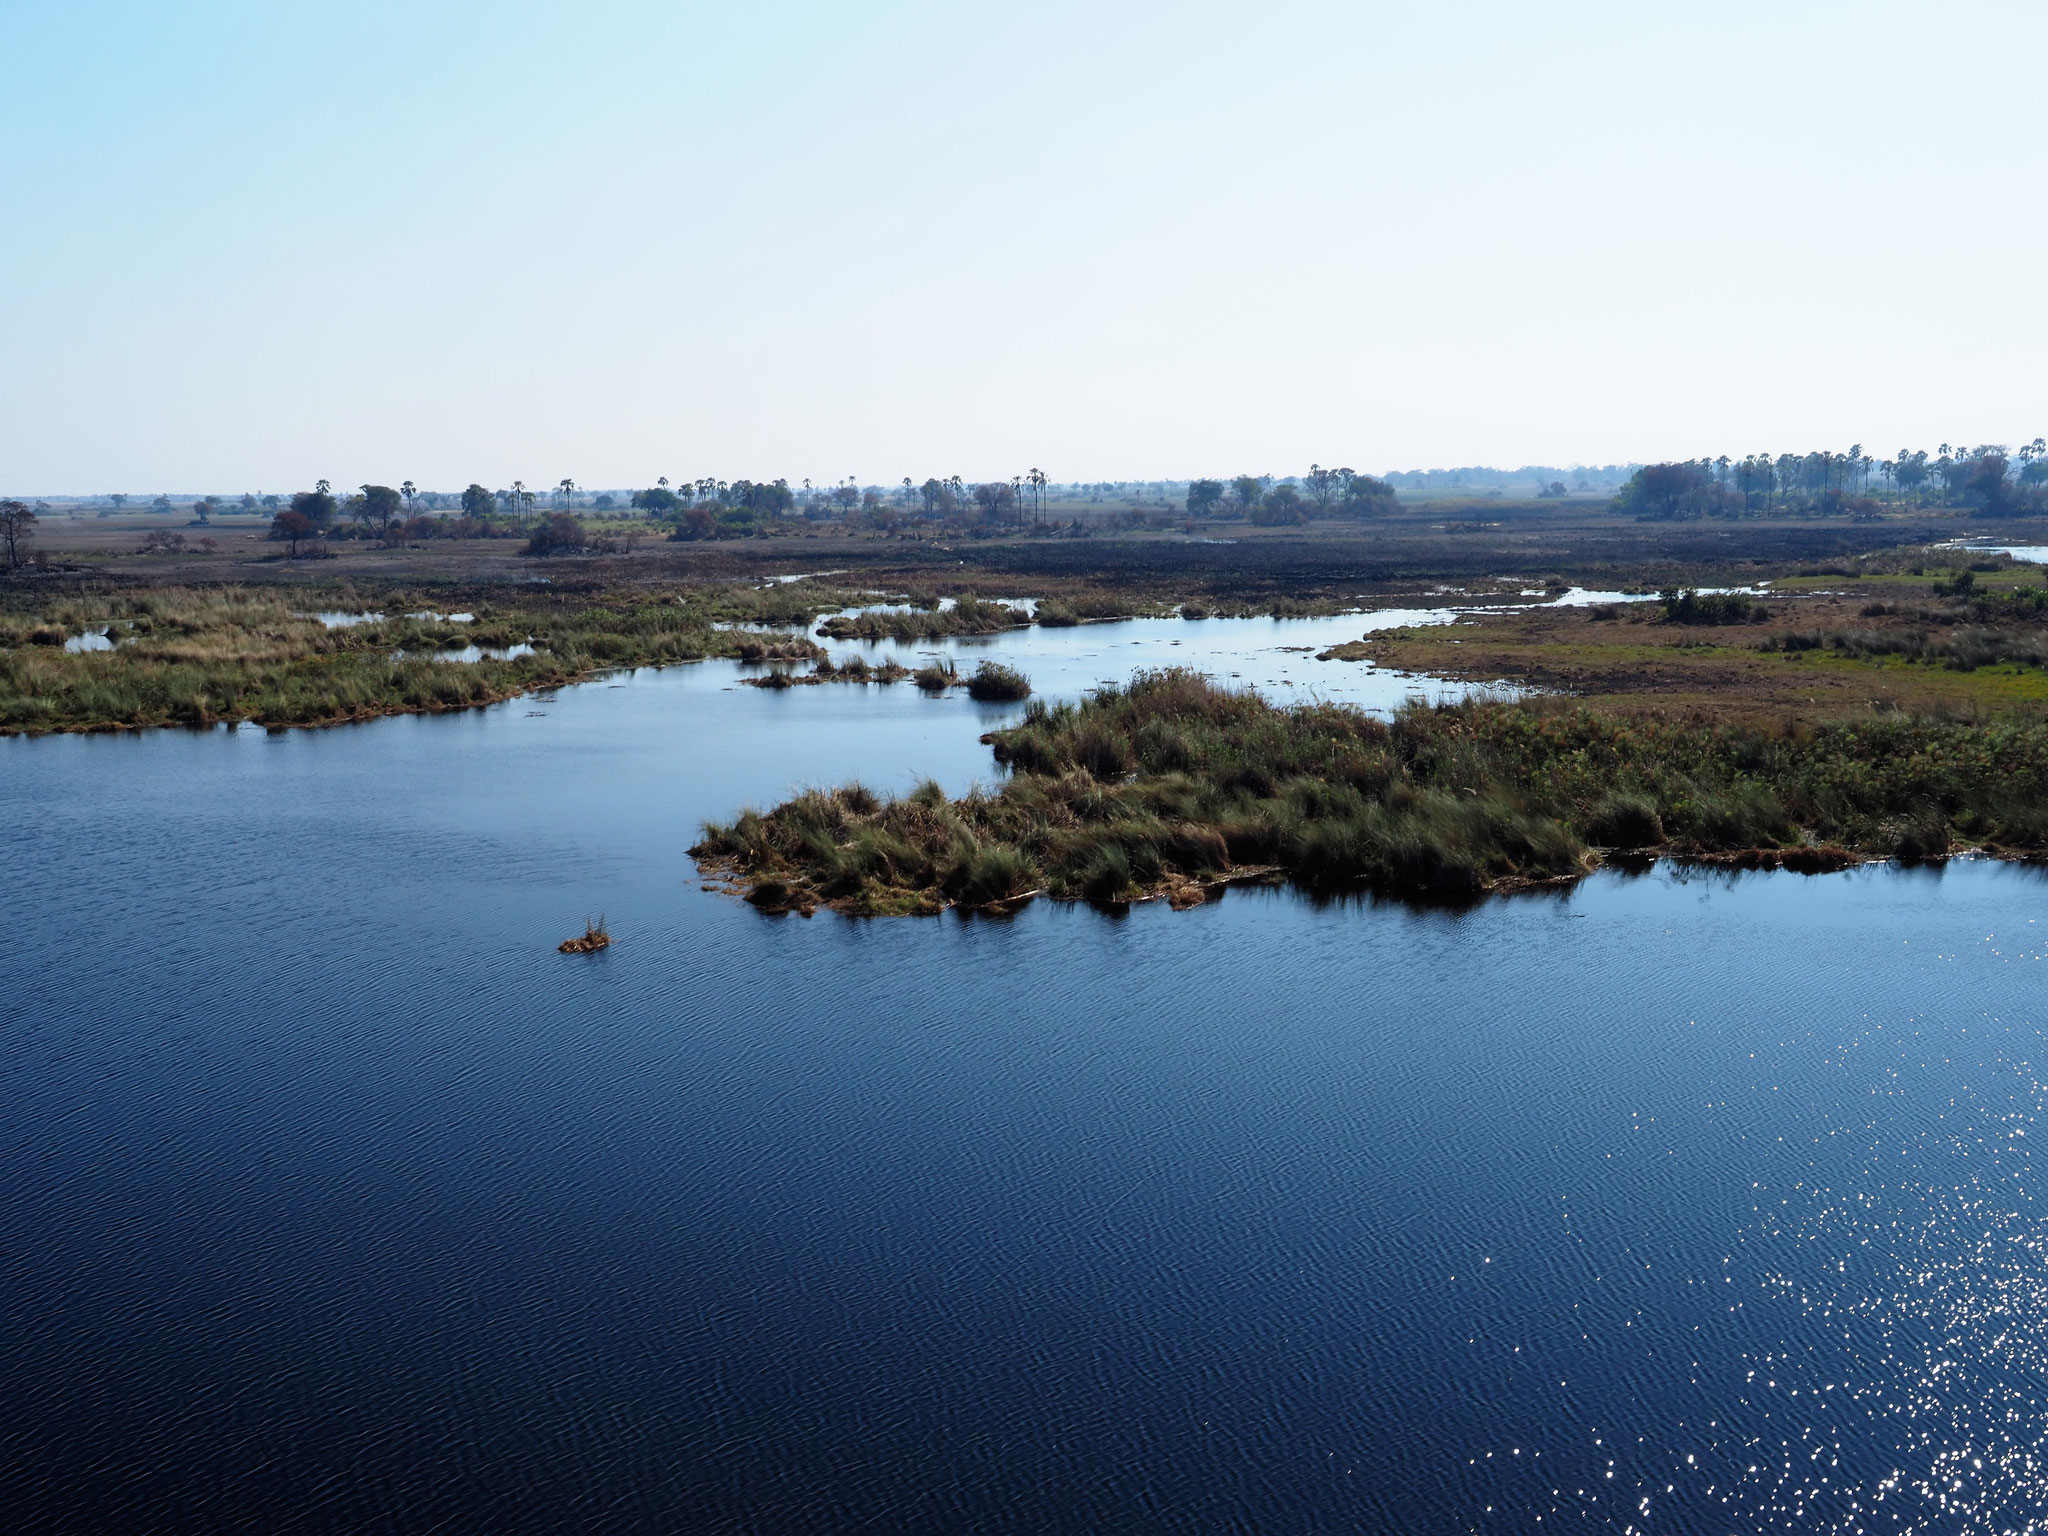 Helikopterflug über das Okavango Delta